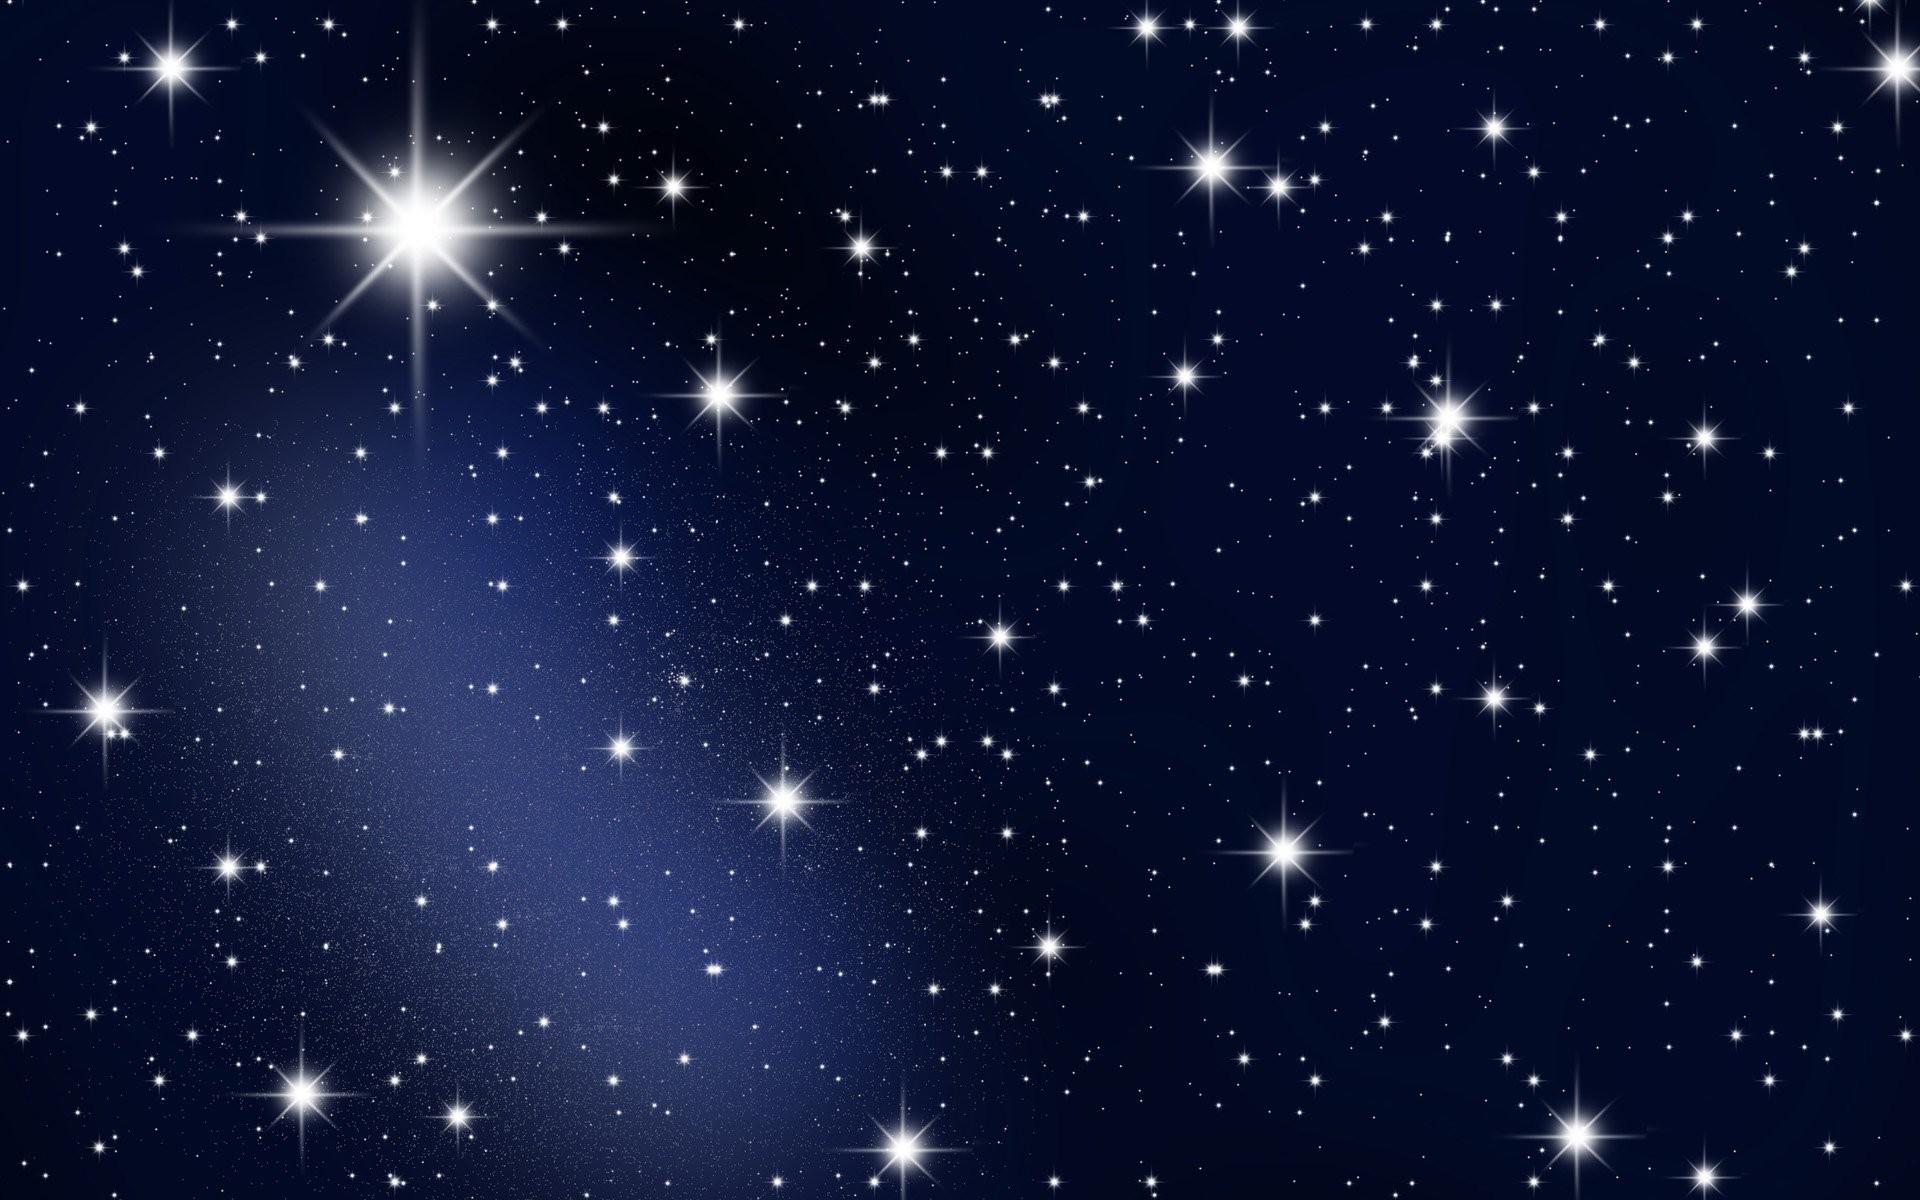 Wallpaper HD Stars